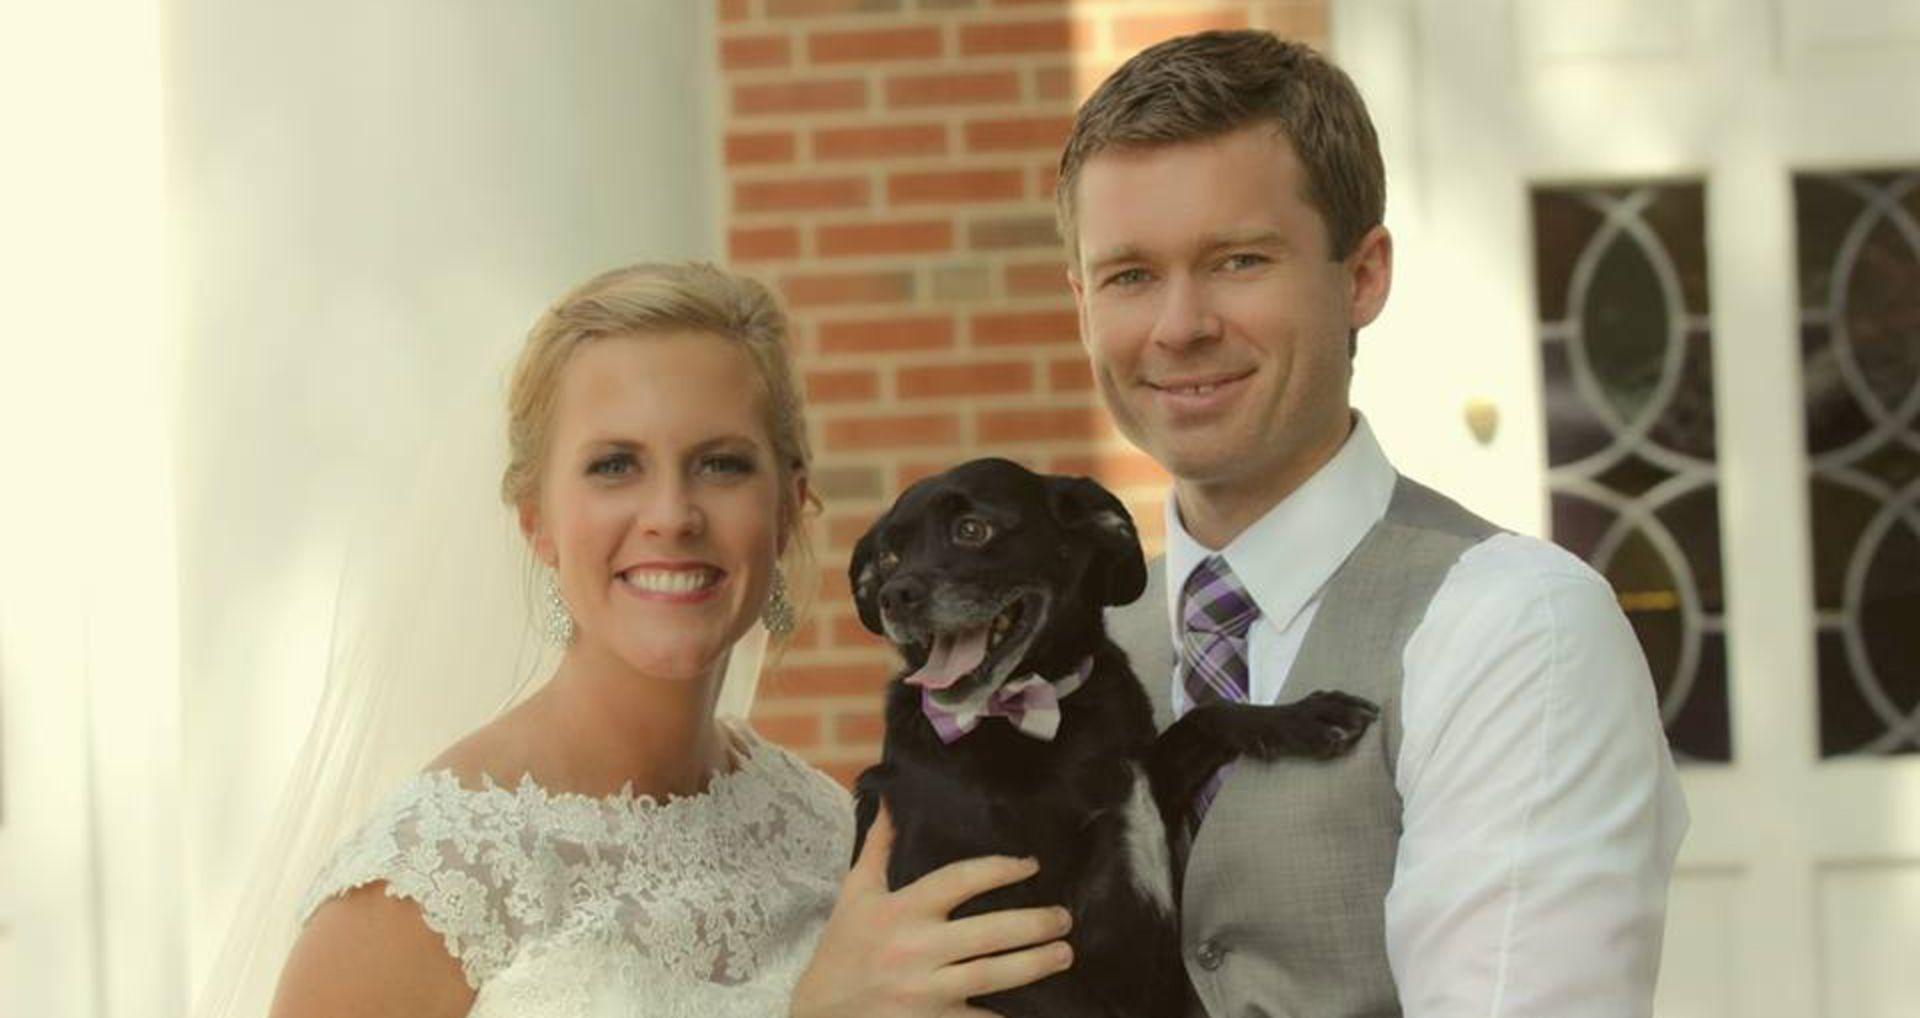 https://res.cloudinary.com/paradowski/image/upload/v1515440813/paradowski-site/Wedding_Murph_x1ee1s.jpg